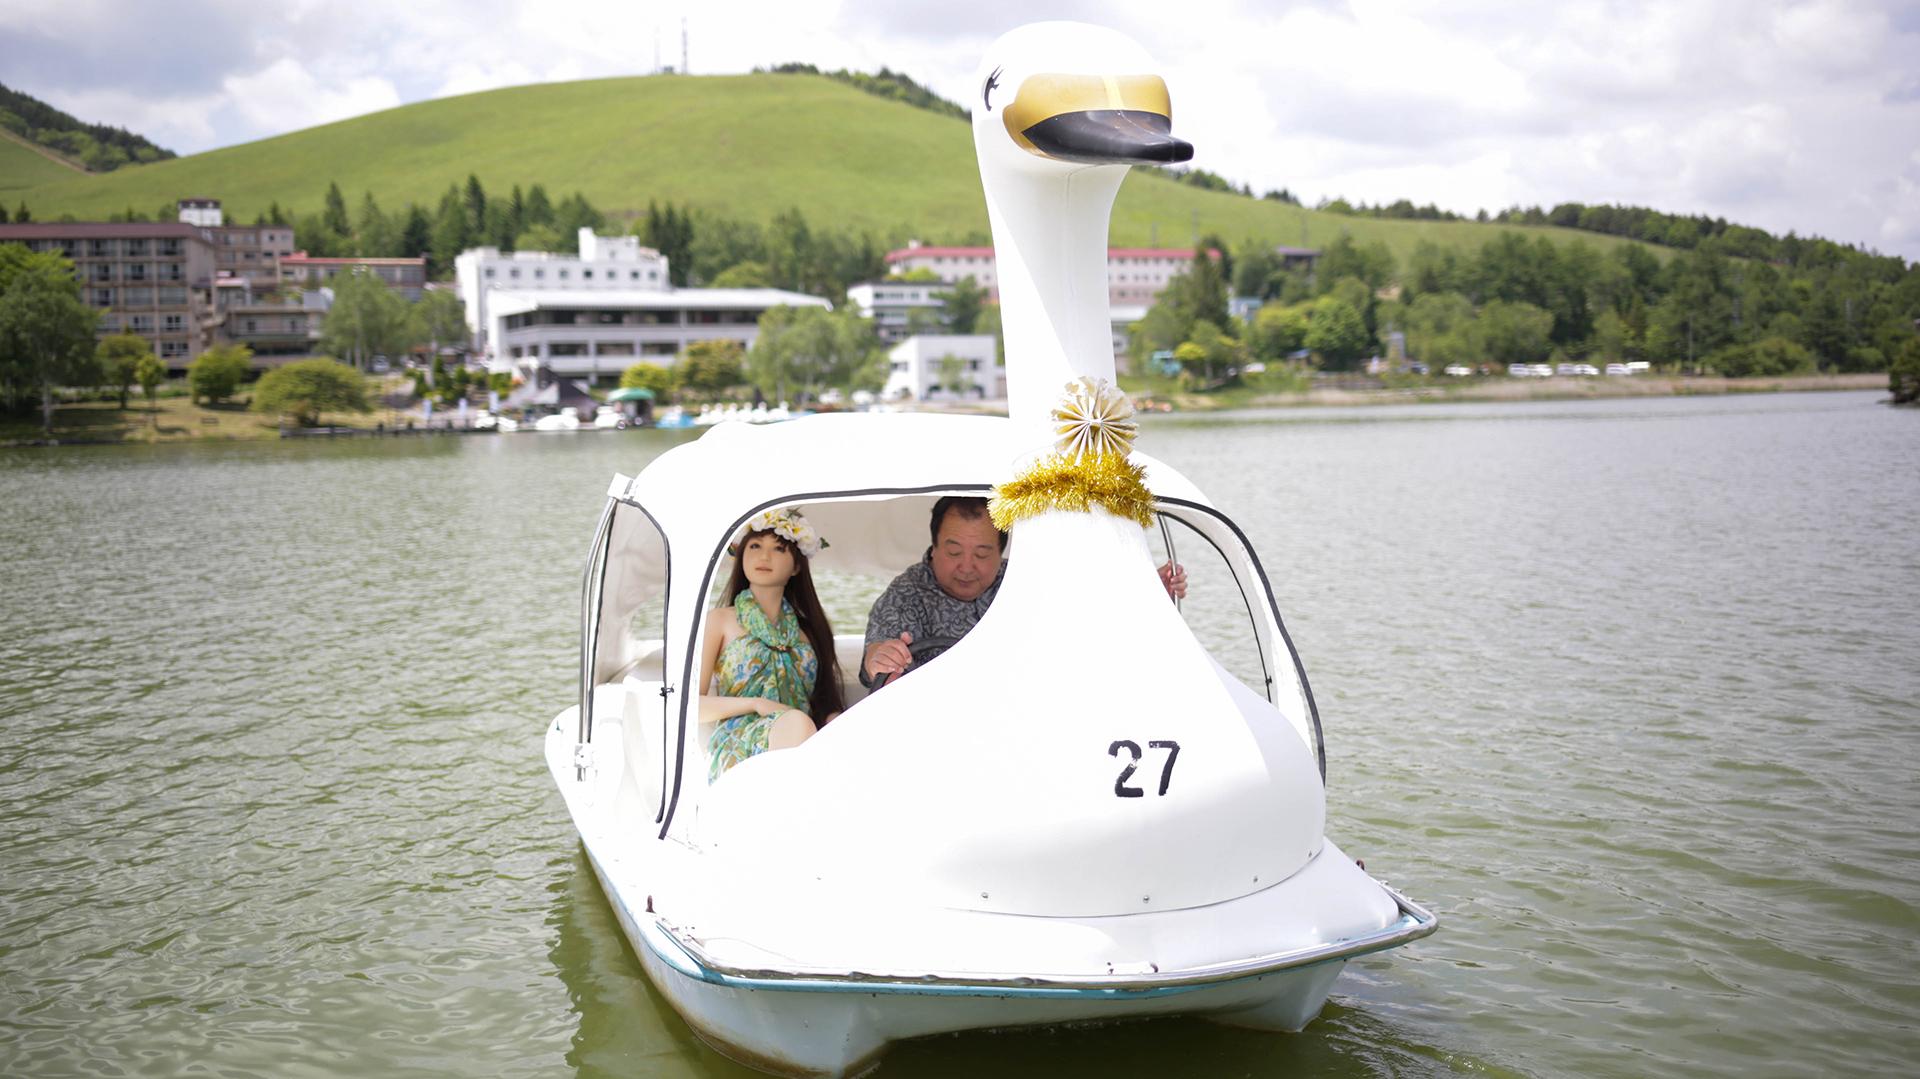 Los enamorados disfrutan del día navegando juntos